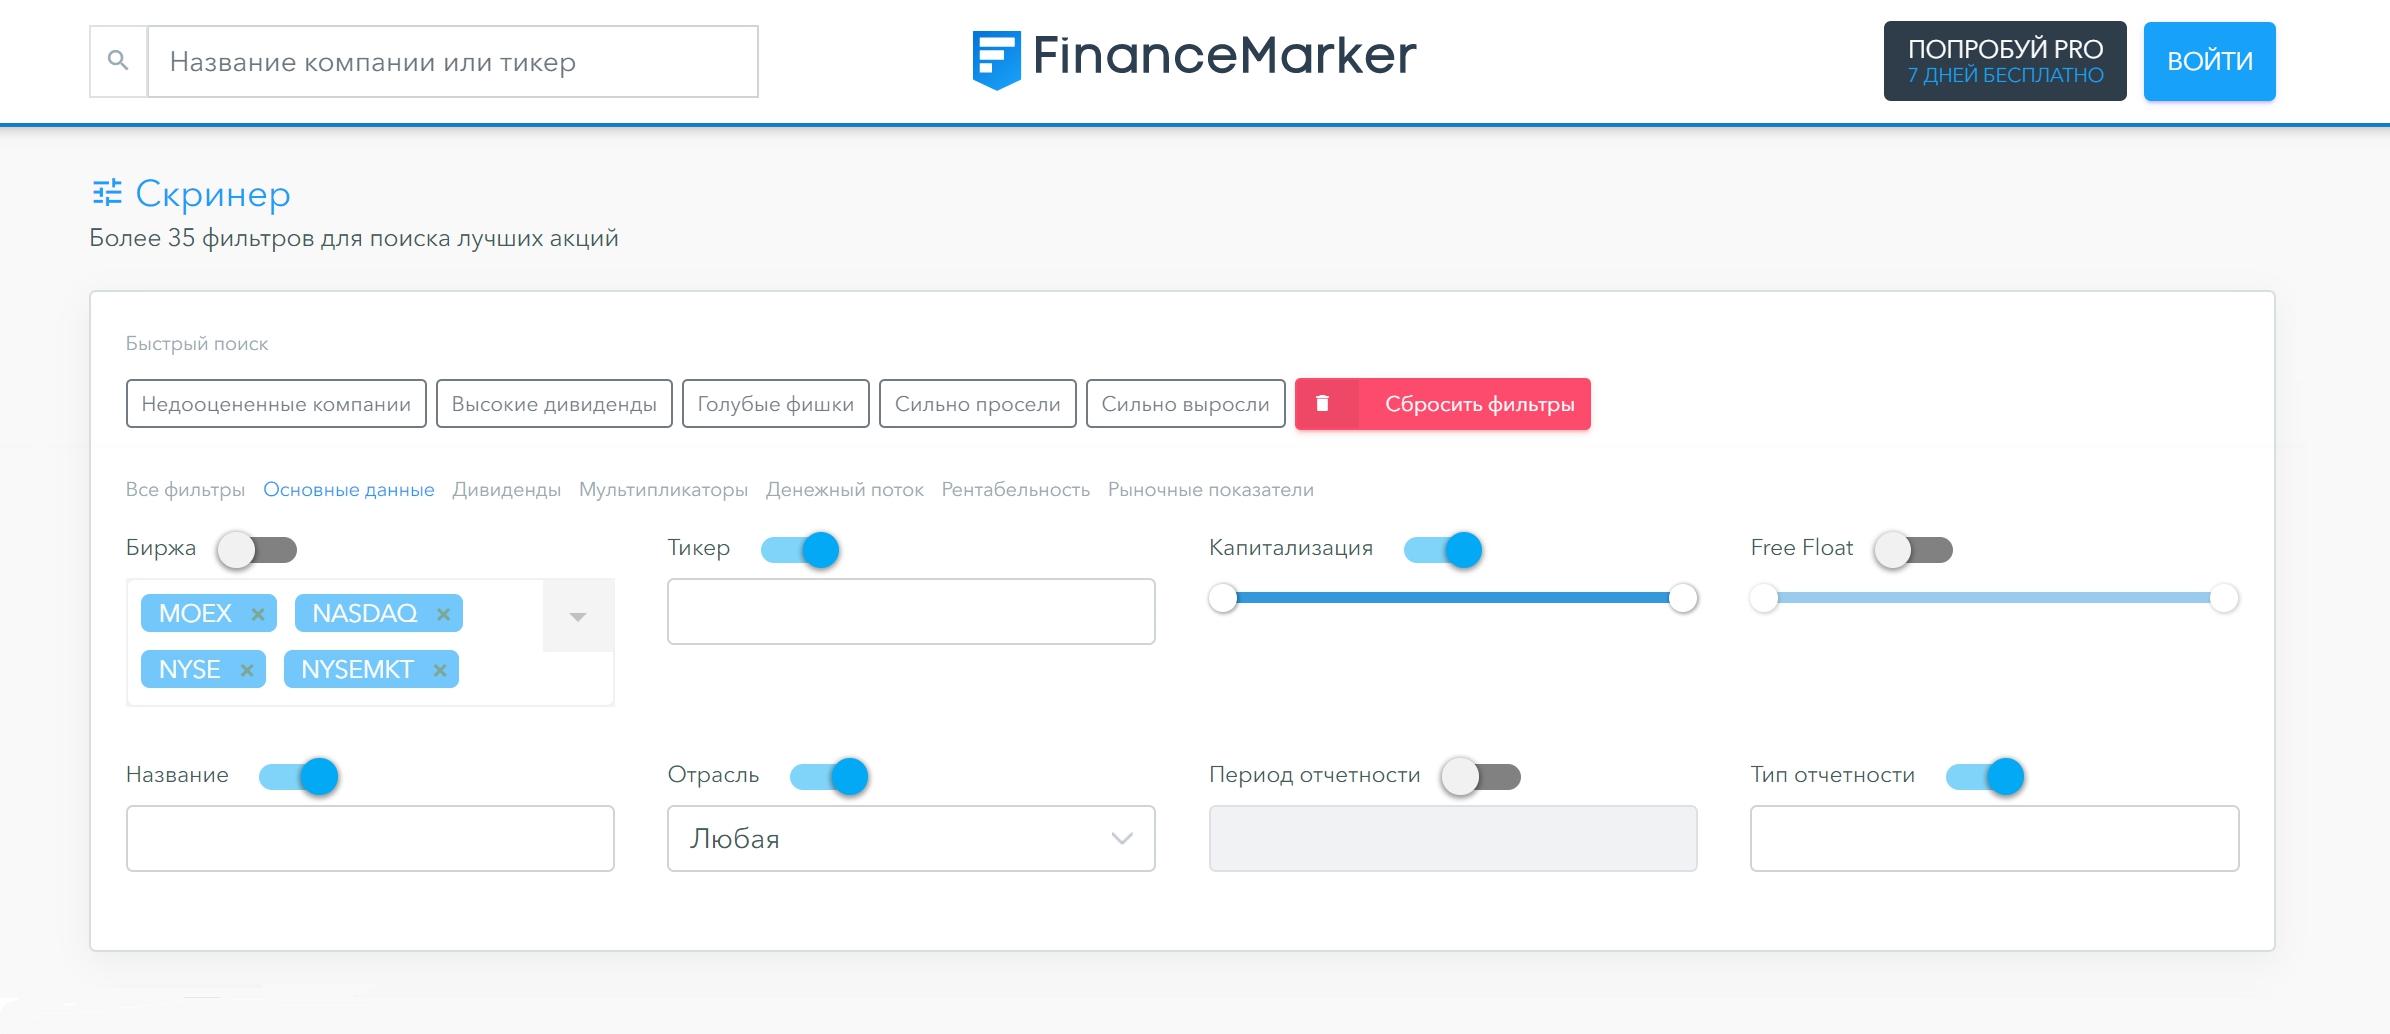 Система фильтрации эмитентов на «Финанс-маркере»